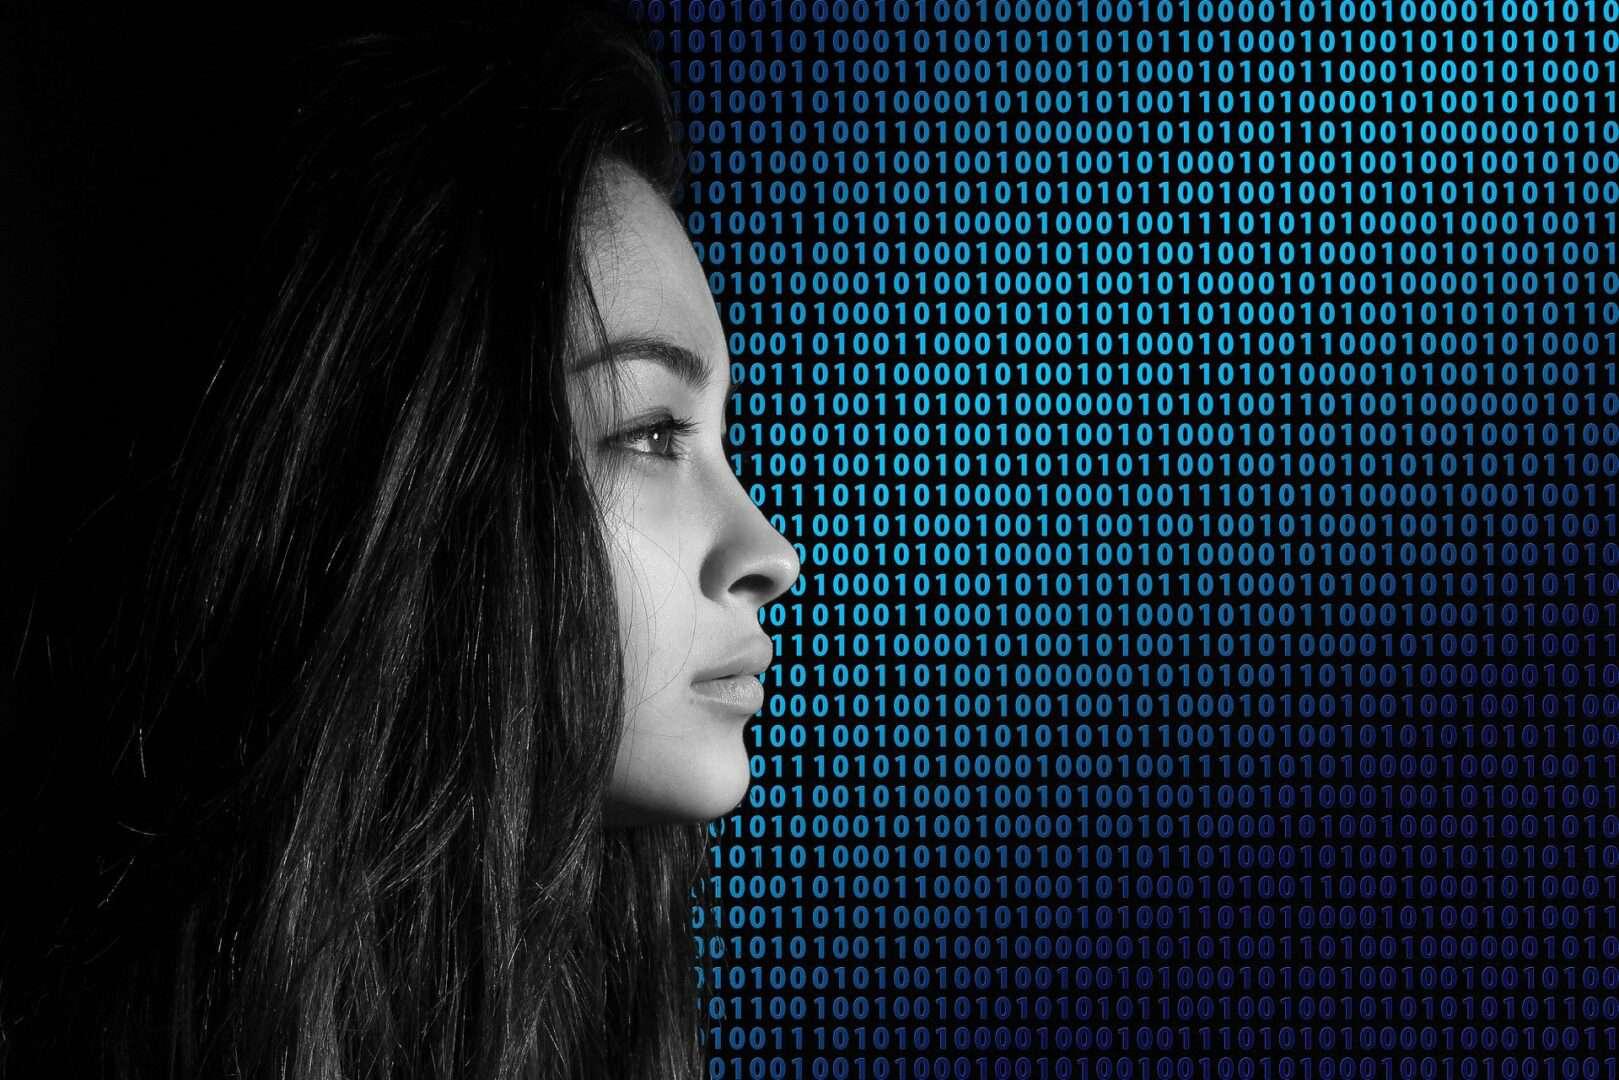 Gesundheit in Zeiten fortschreitender Digitalisierung